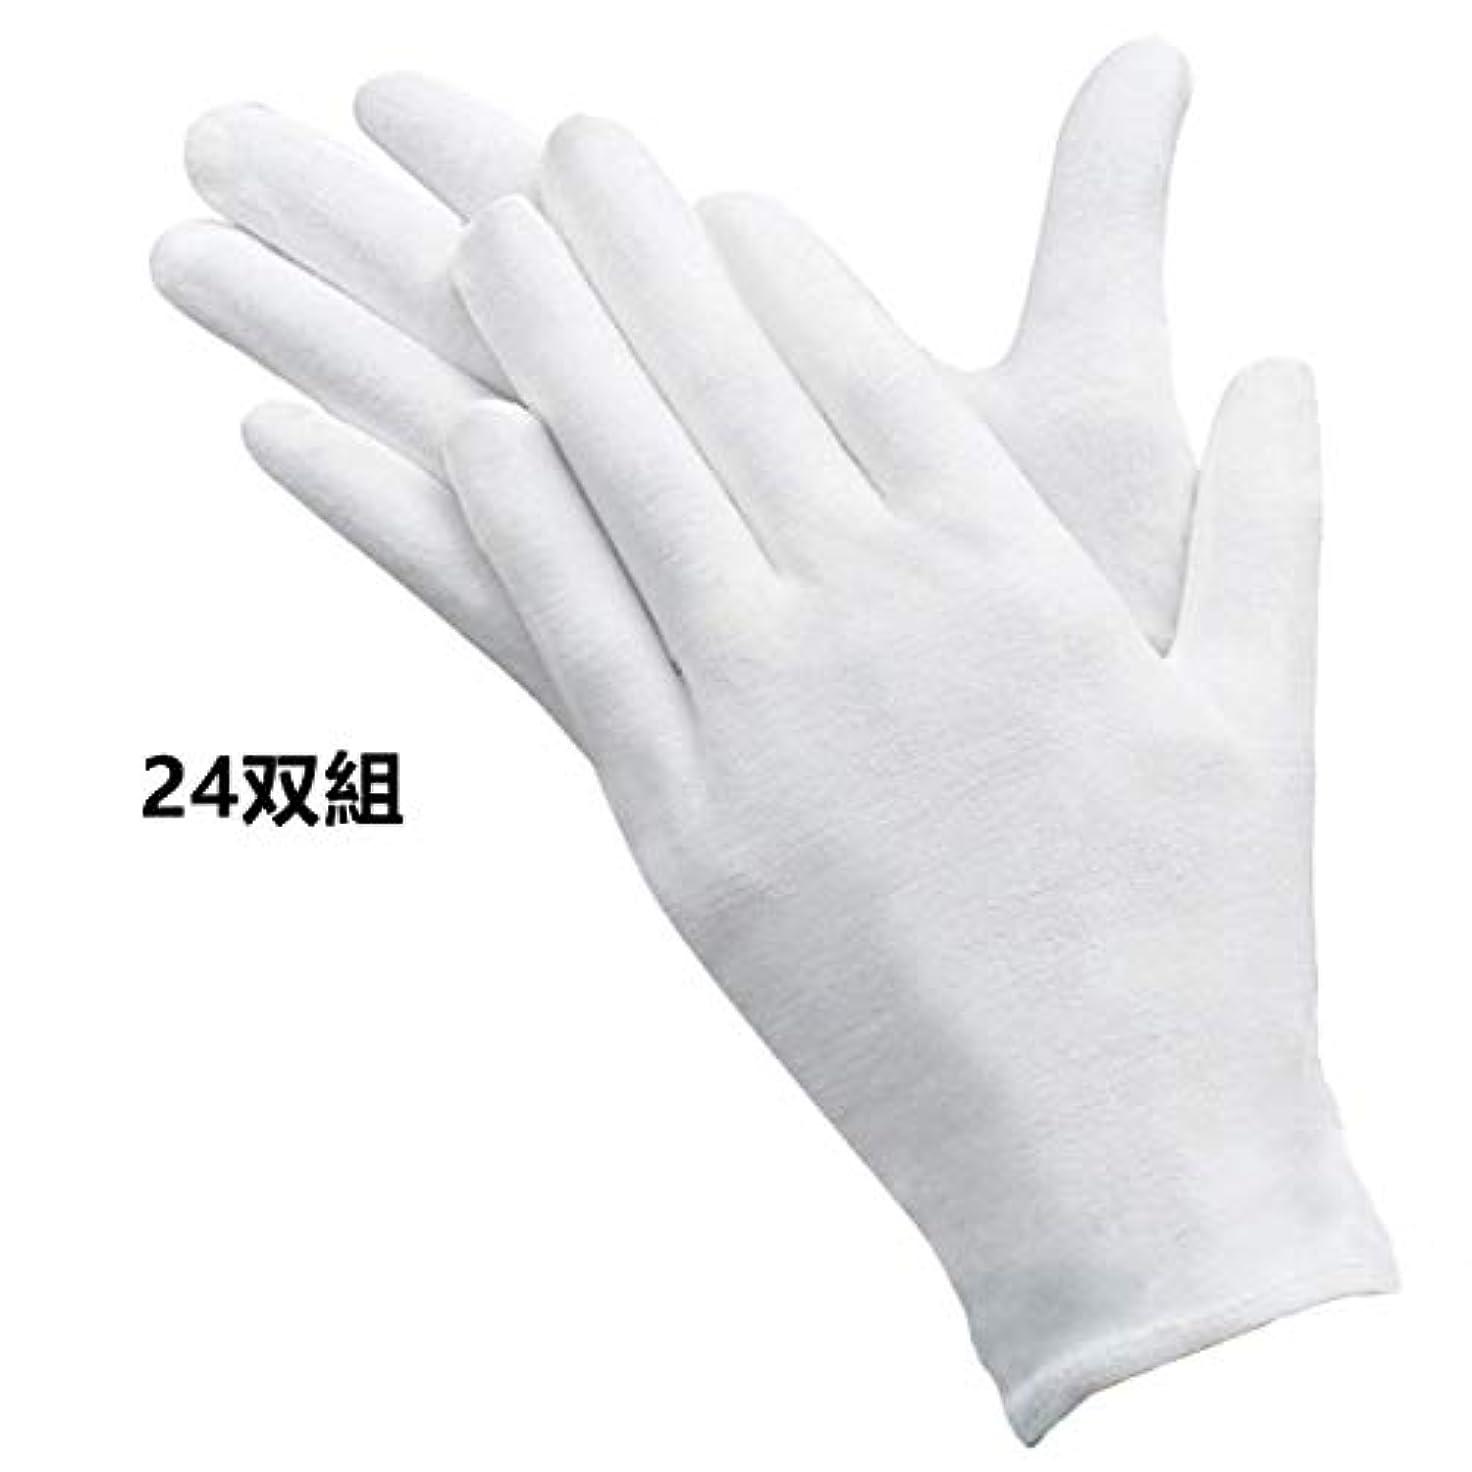 放映スキーネーピアwinkong 綿手袋 コットン手袋 純綿100% 24双組入り ホワイト 白手袋 メンズ 手袋 レディース 手荒れ防止 おやすみ 湿疹用 乾燥肌用 保湿用 礼装用 作業用